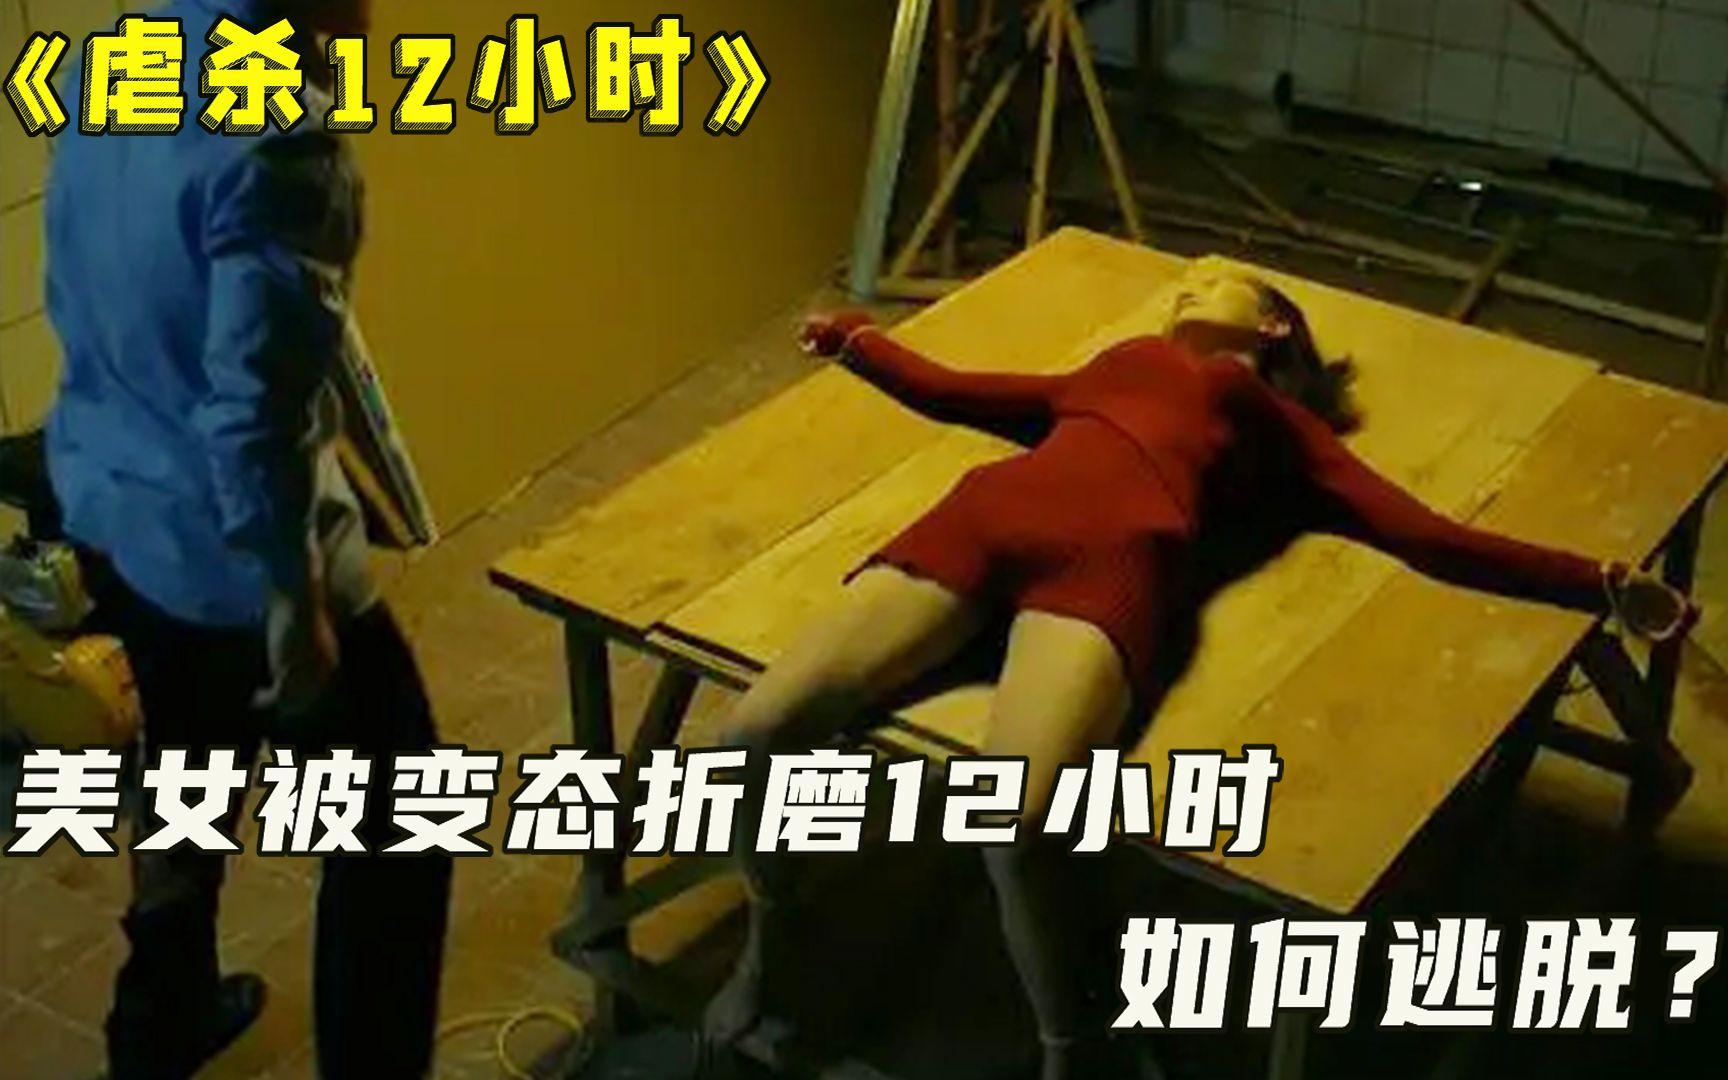 美女被变态保安暗恋7年,被绑架折磨12小时,如何逃脱?